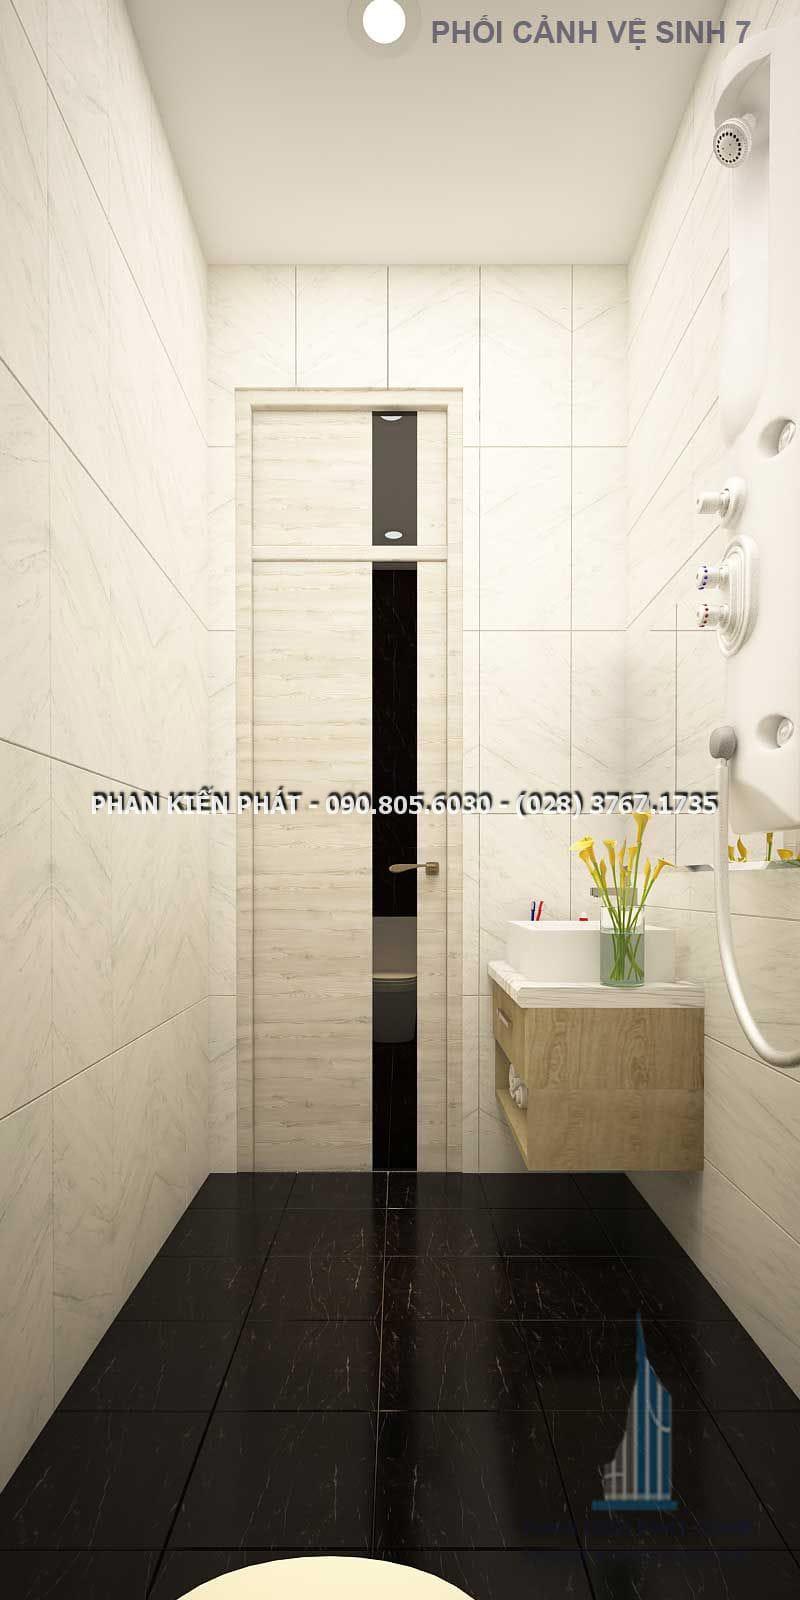 Phòng vệ sinh 7